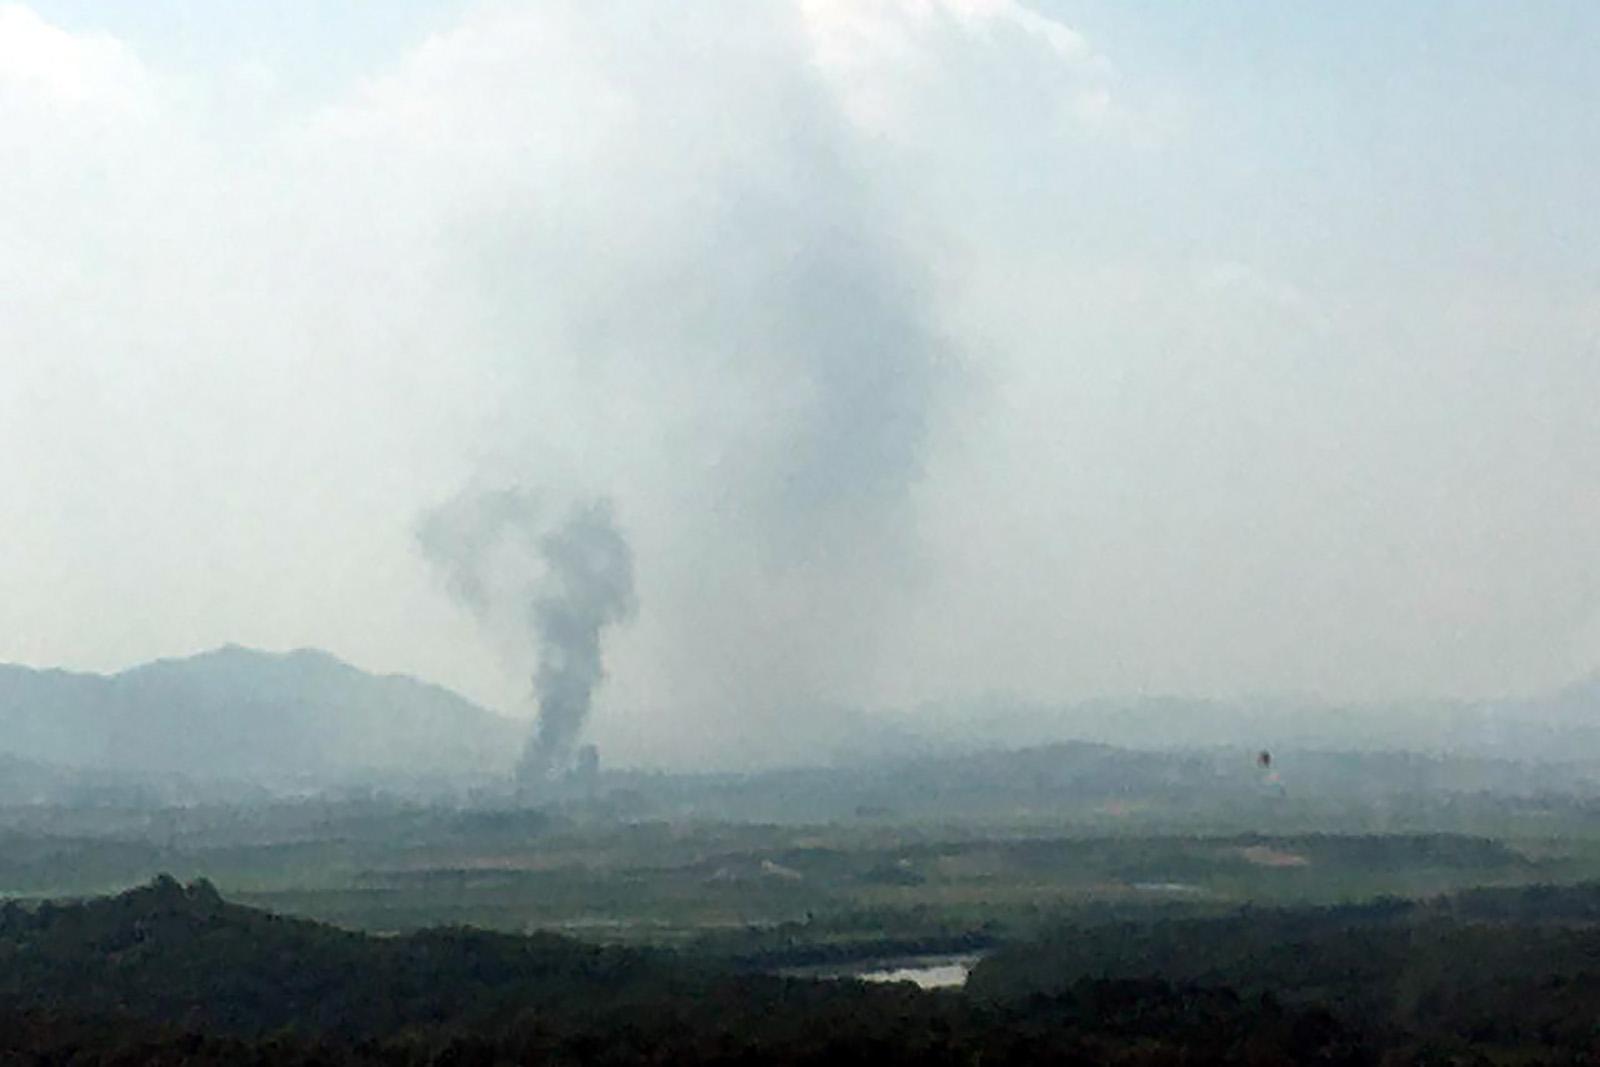 Fumaça acima do local onde ficava o prédio de diálogo das Coreias, em Kaesong